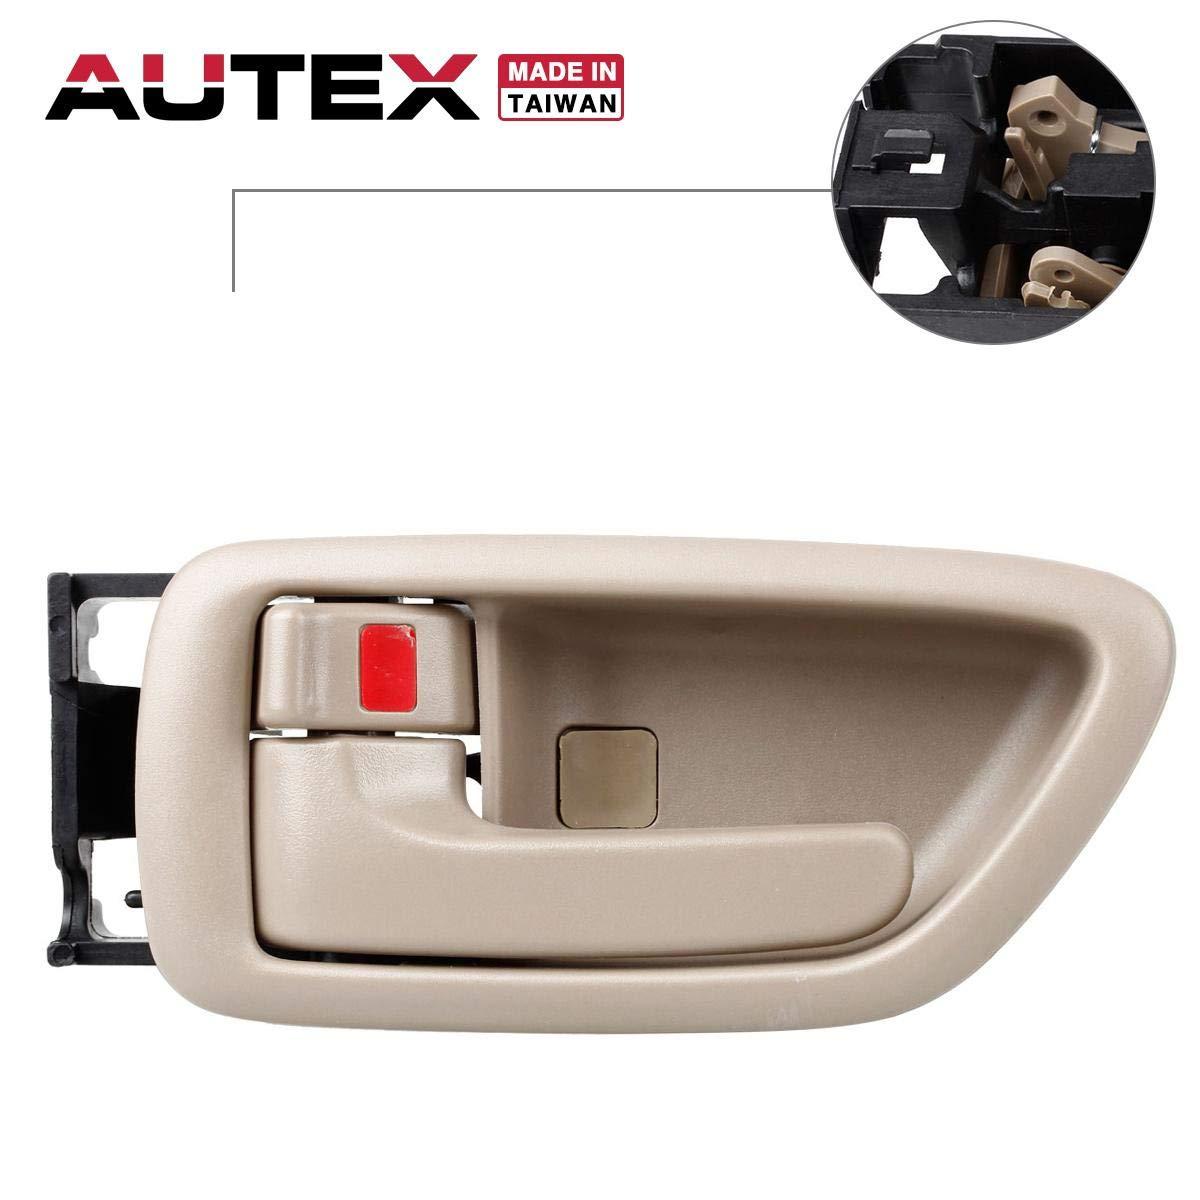 For TOYOTA SEQUOIA Door Handle 2001-2007 ExteriorRear Passenger Side